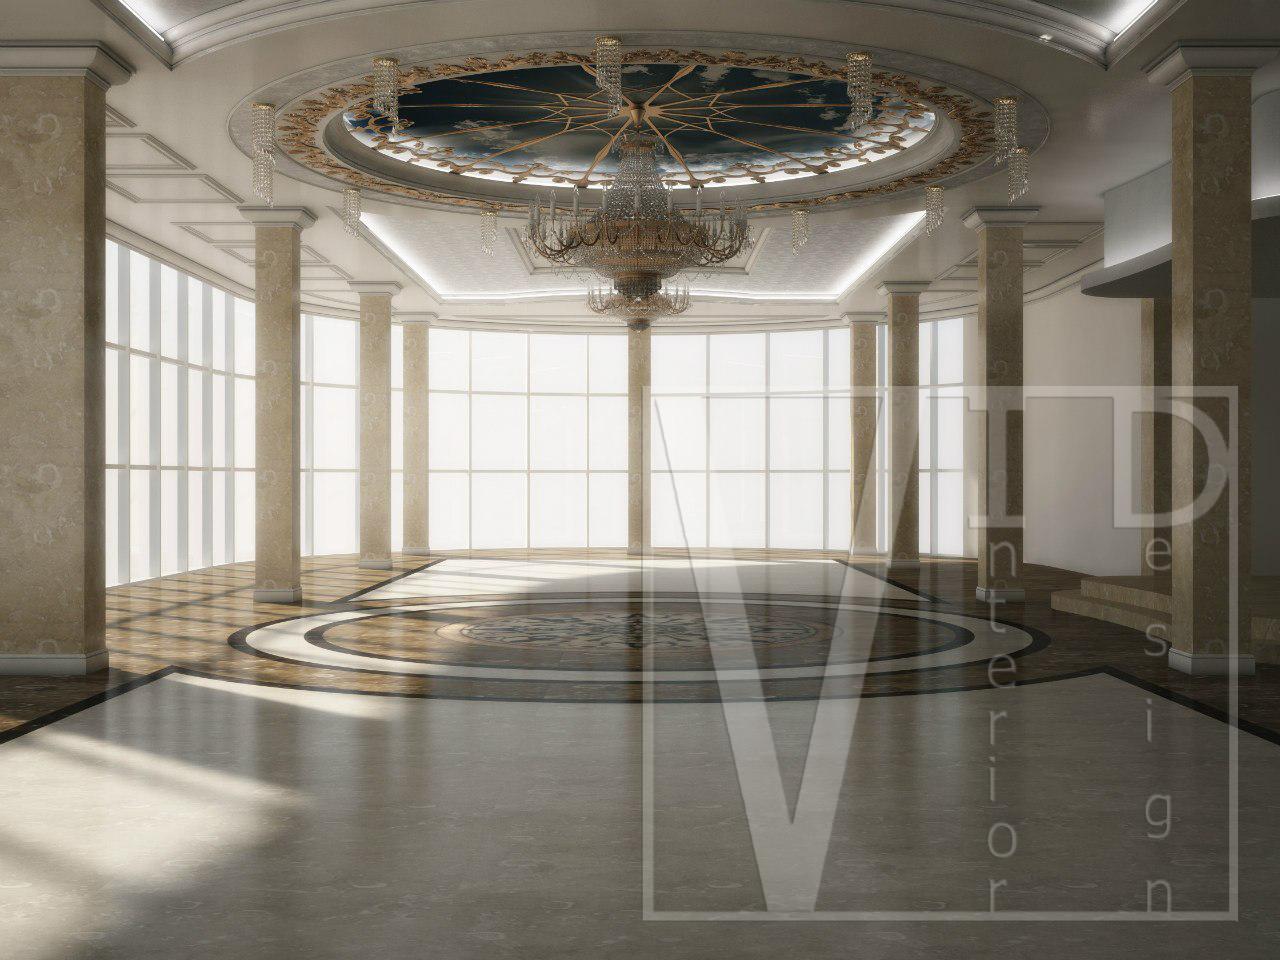 дизайн интерьера банкетного зала